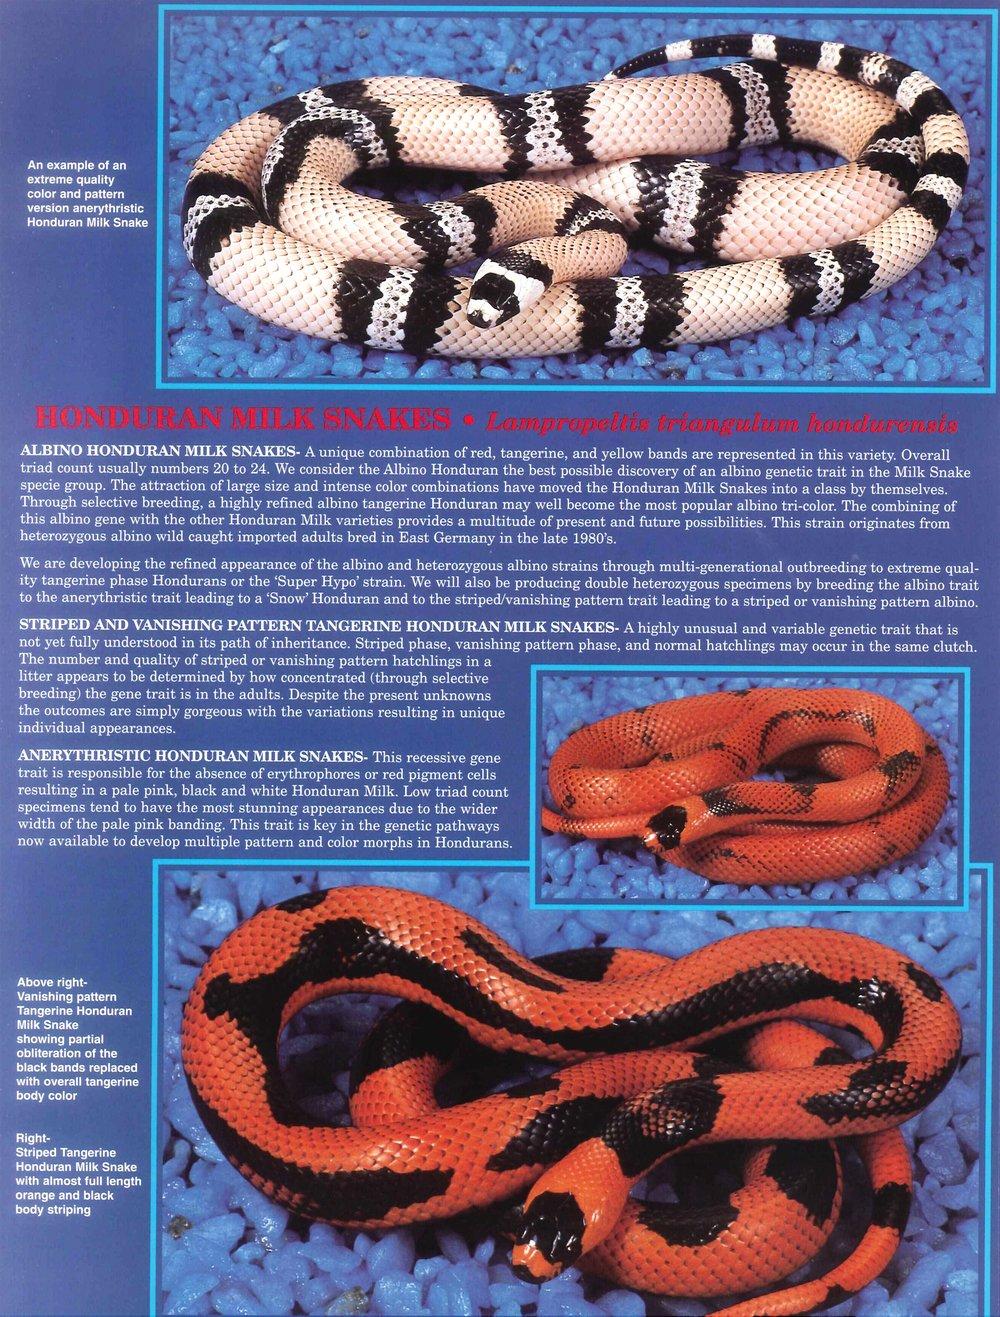 Professional Breeders Brochure_13.jpg